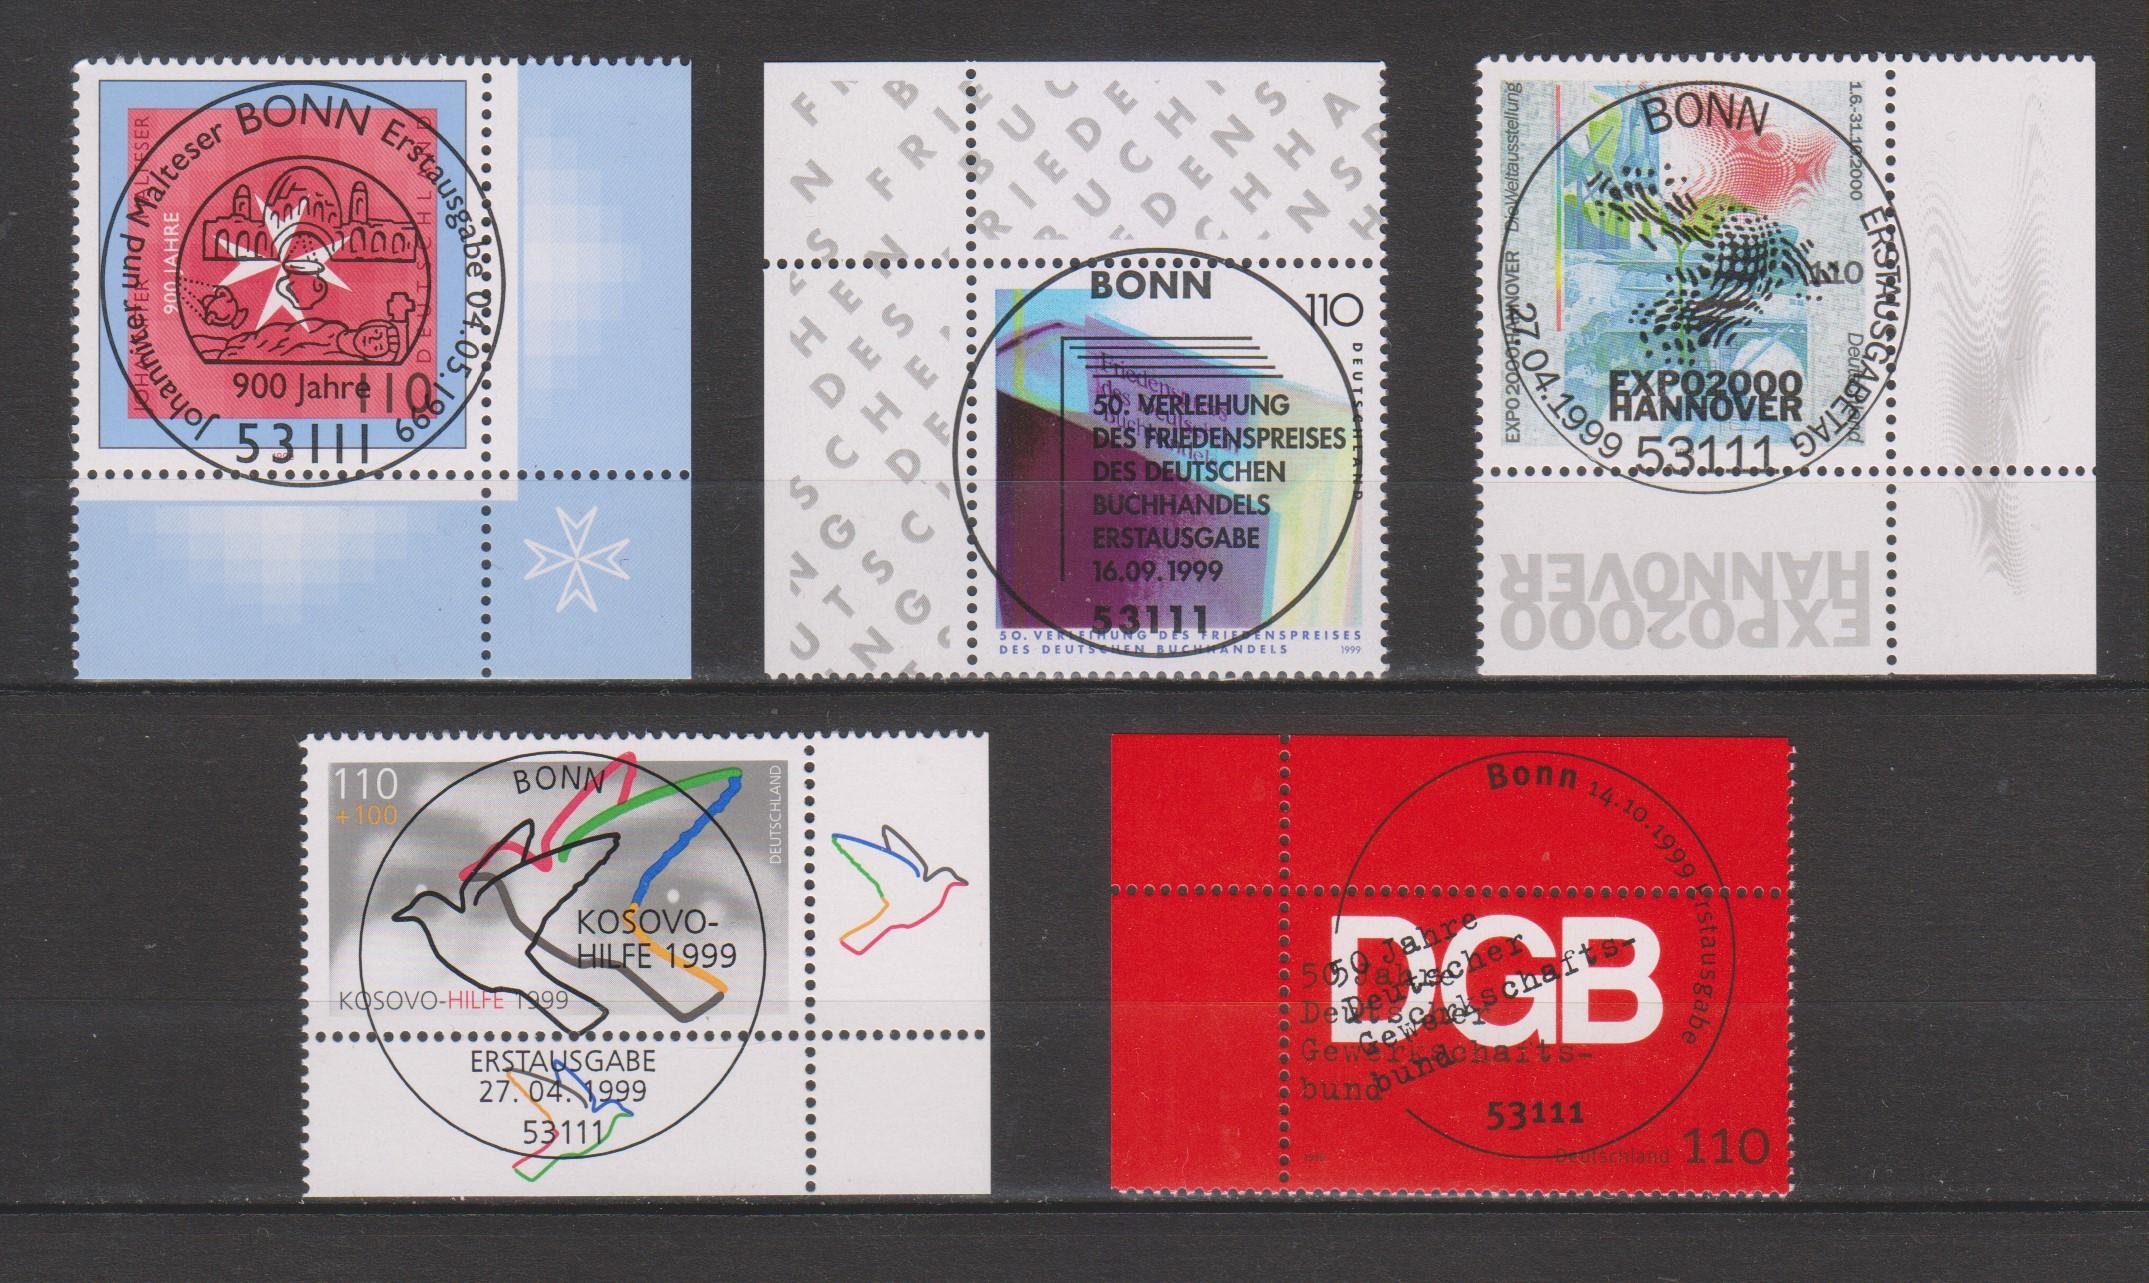 Allemagne - Sélection de timbres oblitérés FDC de 1999 - Cote €6.55